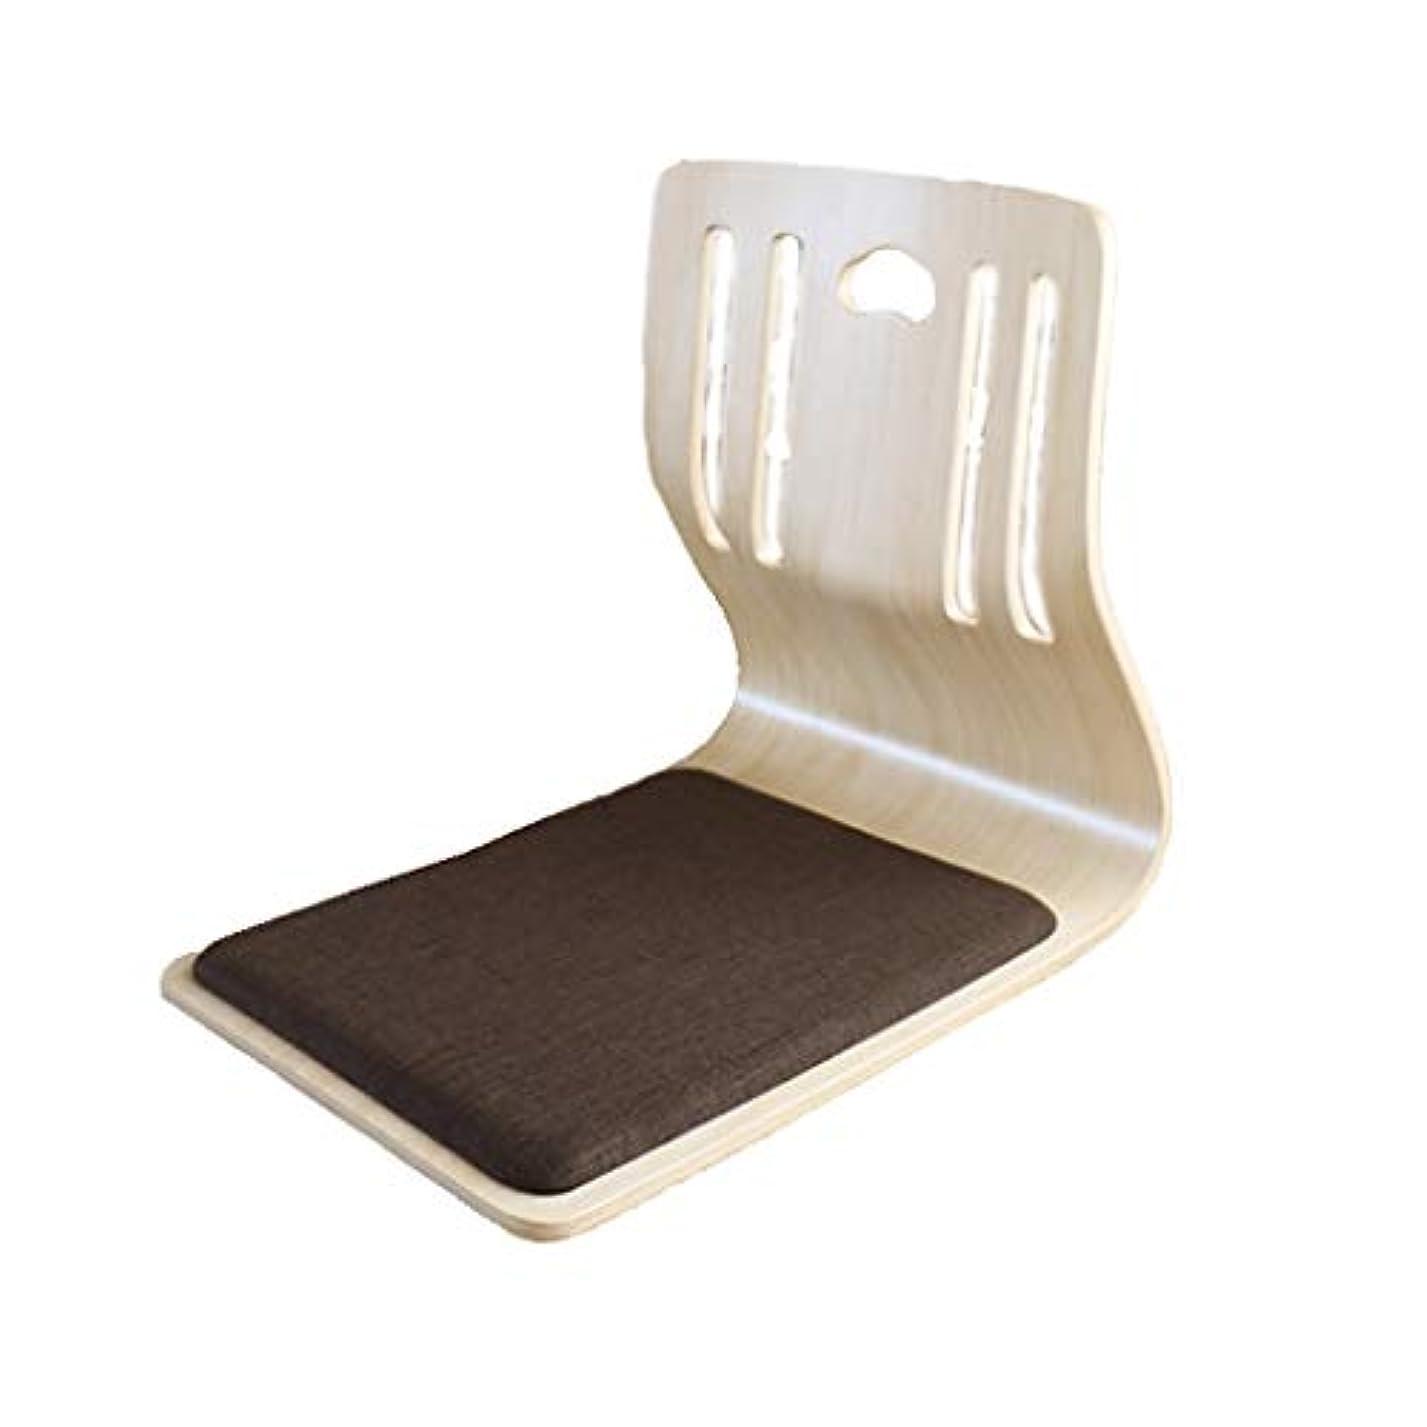 人間肯定的崩壊ソリッドウッド製スツール背もたれローテーブルと椅子日本の足のない椅子床の椅子足のない椅子出窓窓口の寮の部屋学生用椅子快適 (サイズ さいず : C)